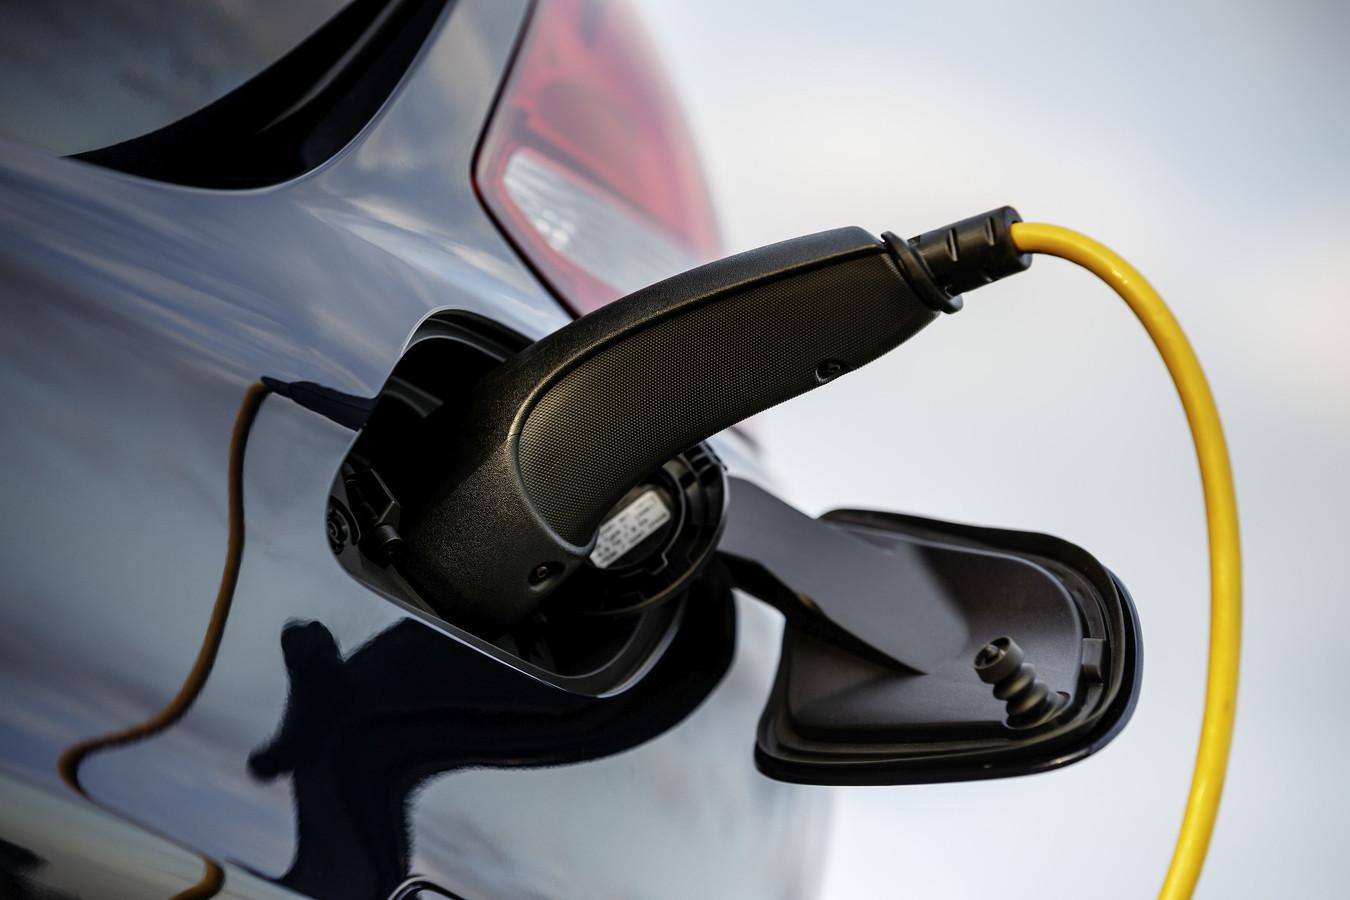 Toyota is ervan overtuigd dat het niet op korte termijn mogelijk is om elektrische auto's echt goedkoop te maken.